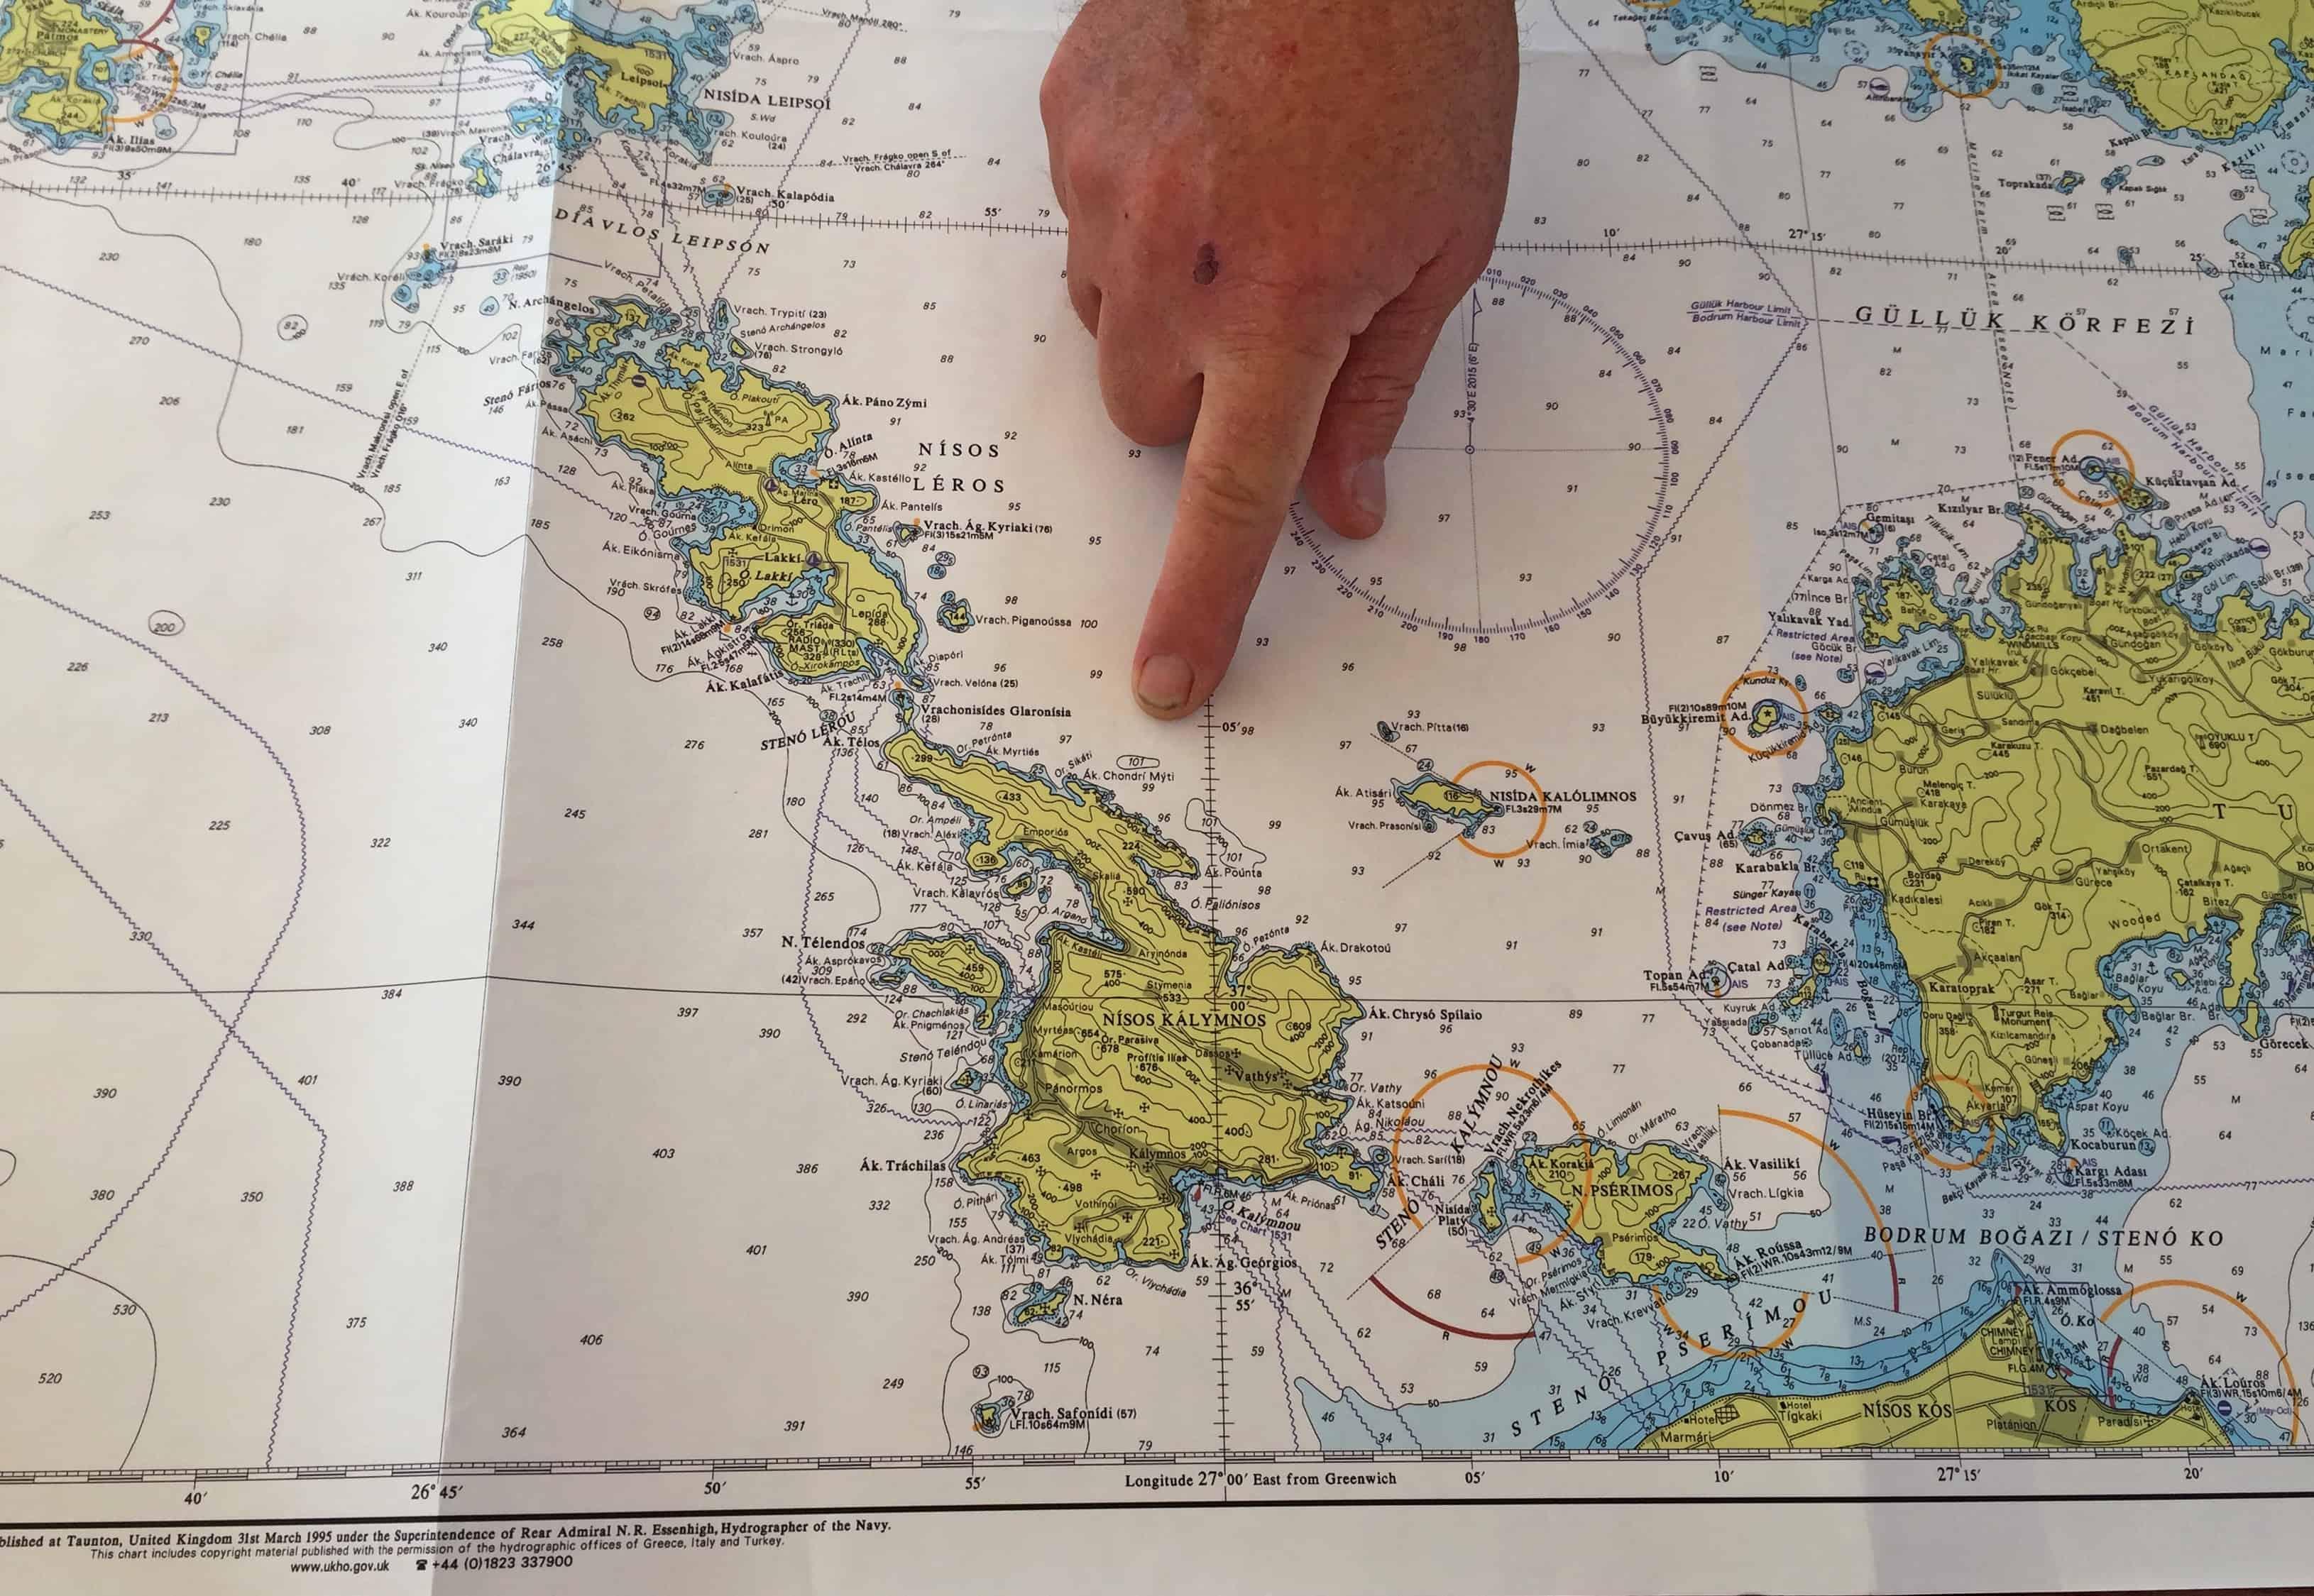 De zeekaart van de Egeïsche Zee